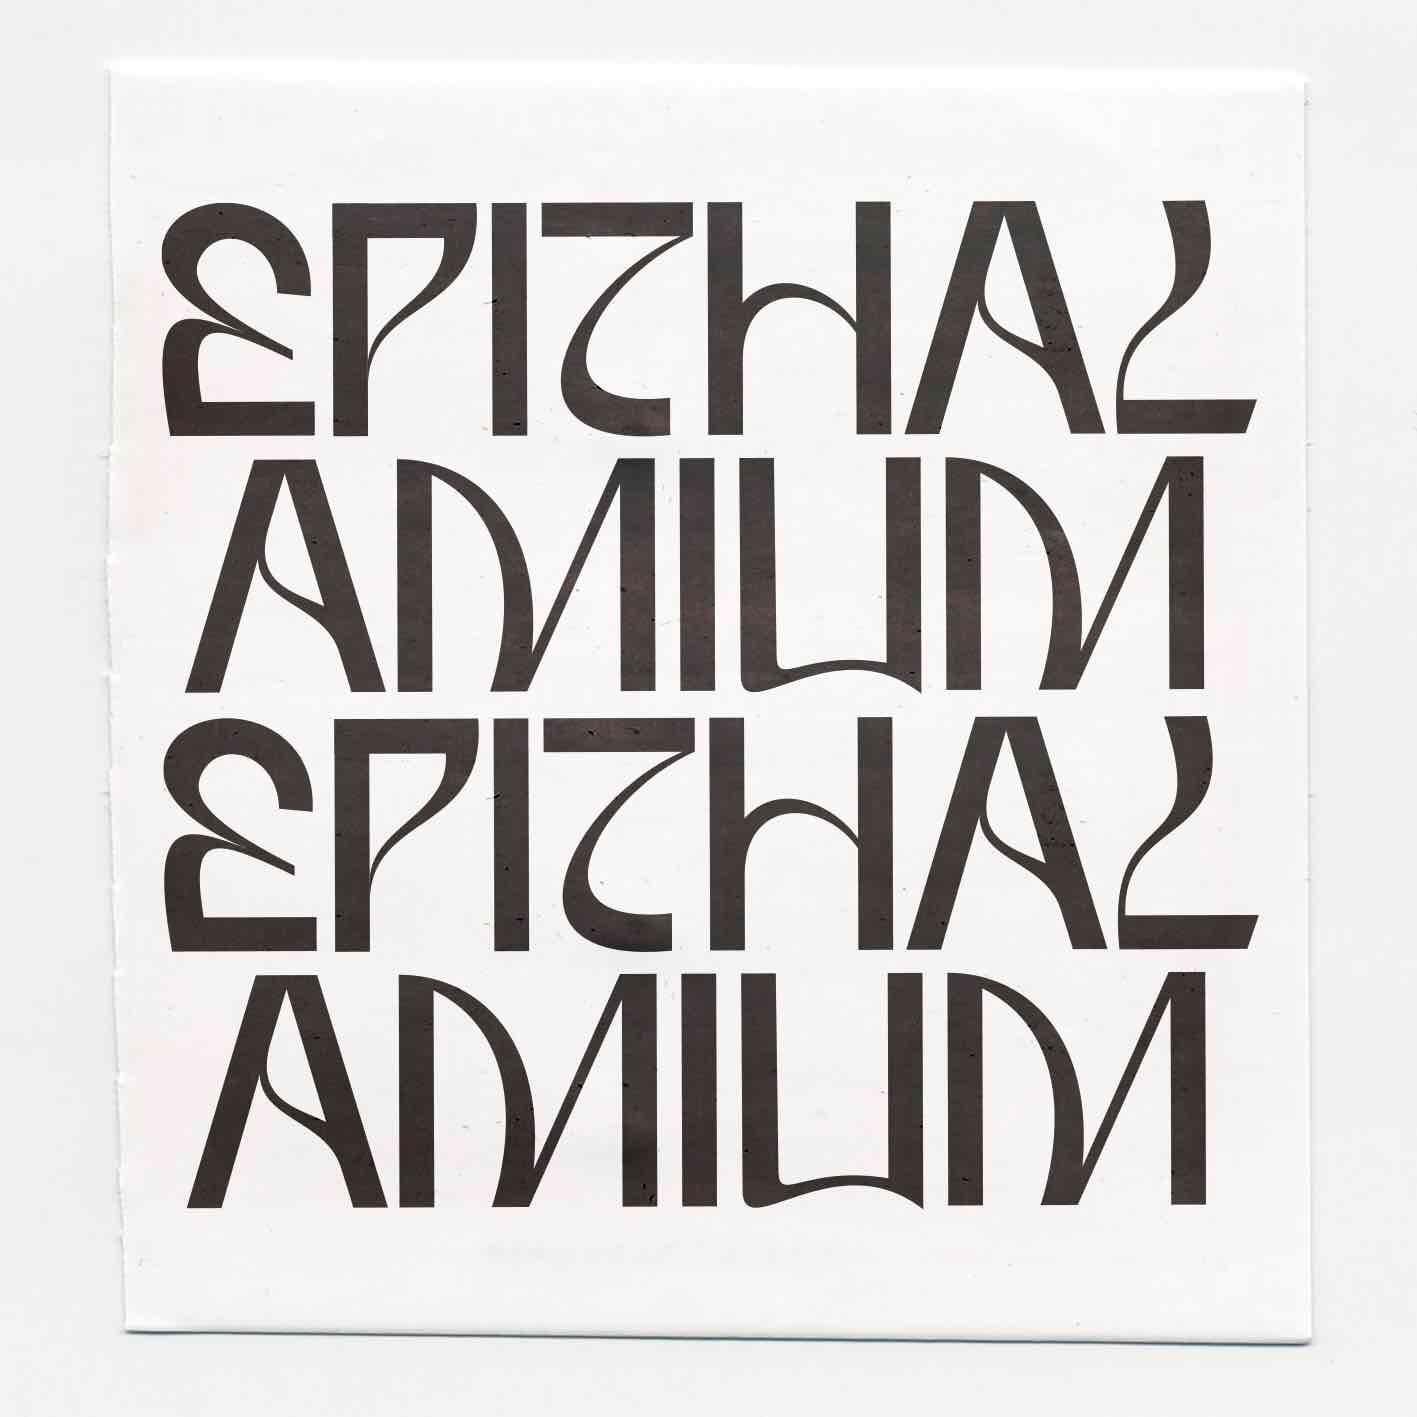 EPITHALAMIUM. Custom typeface